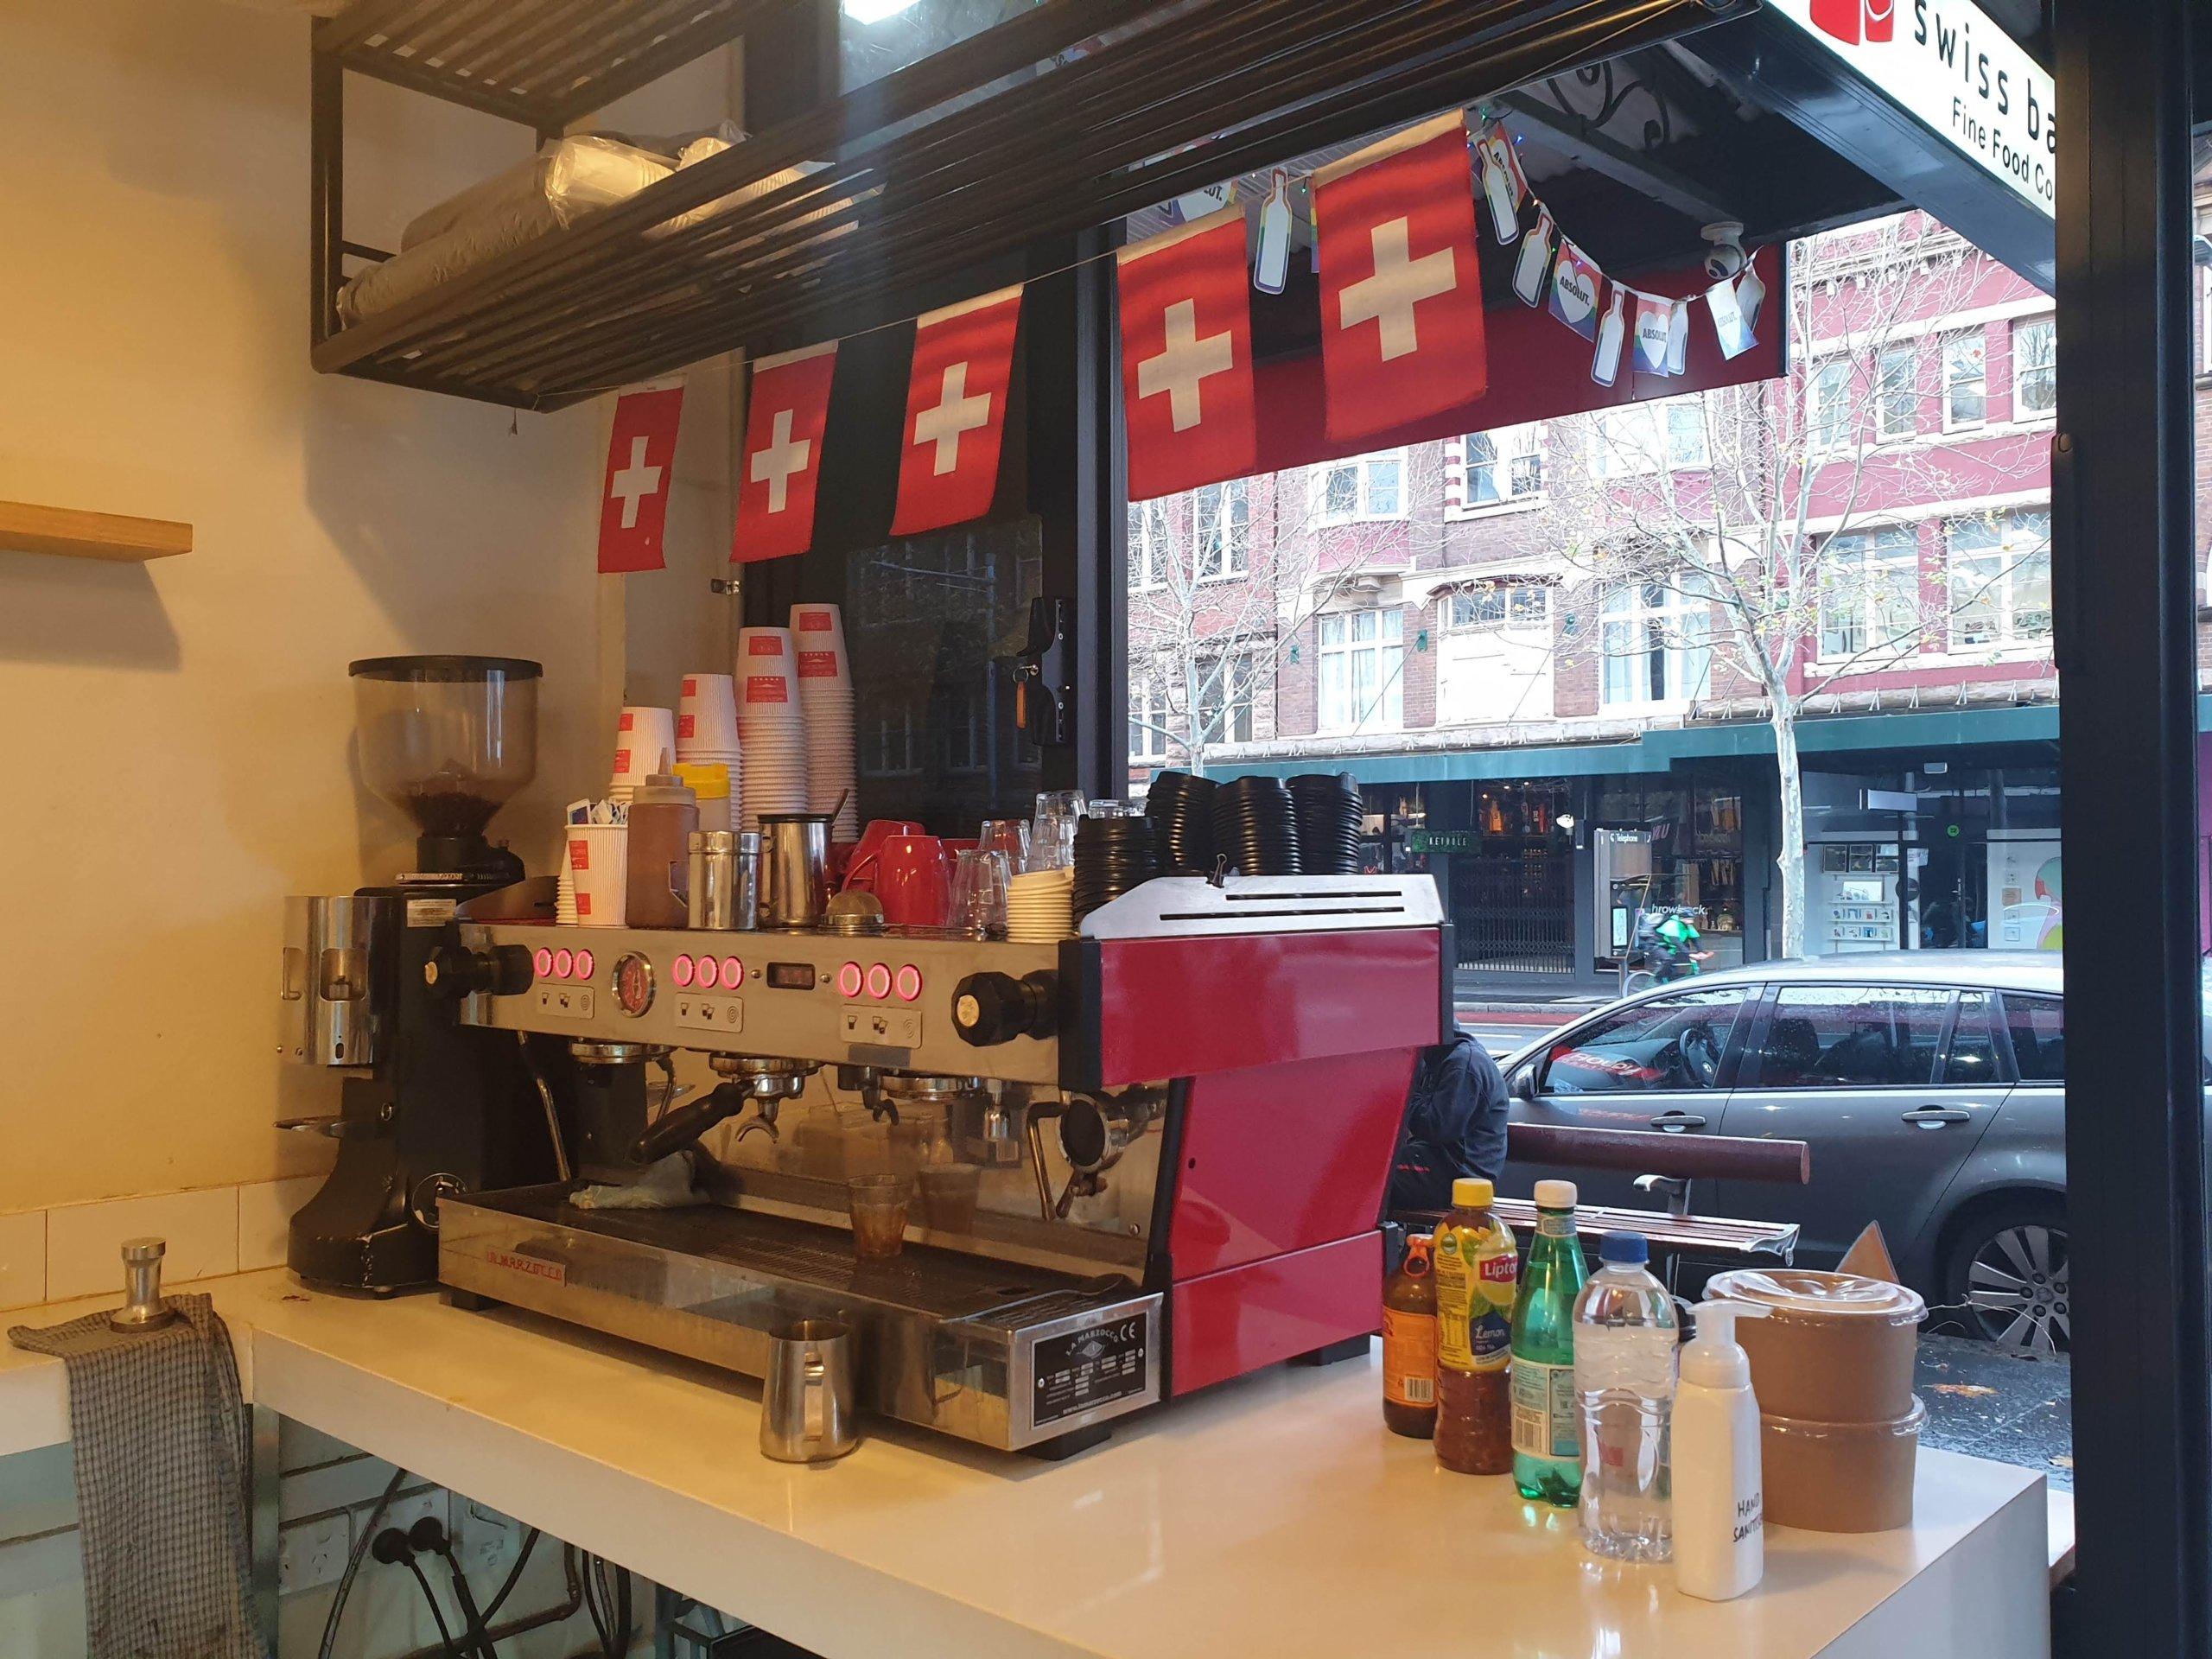 オックスフォードストリートにあるスイス系ベーカリー『Swiss Bakerz』